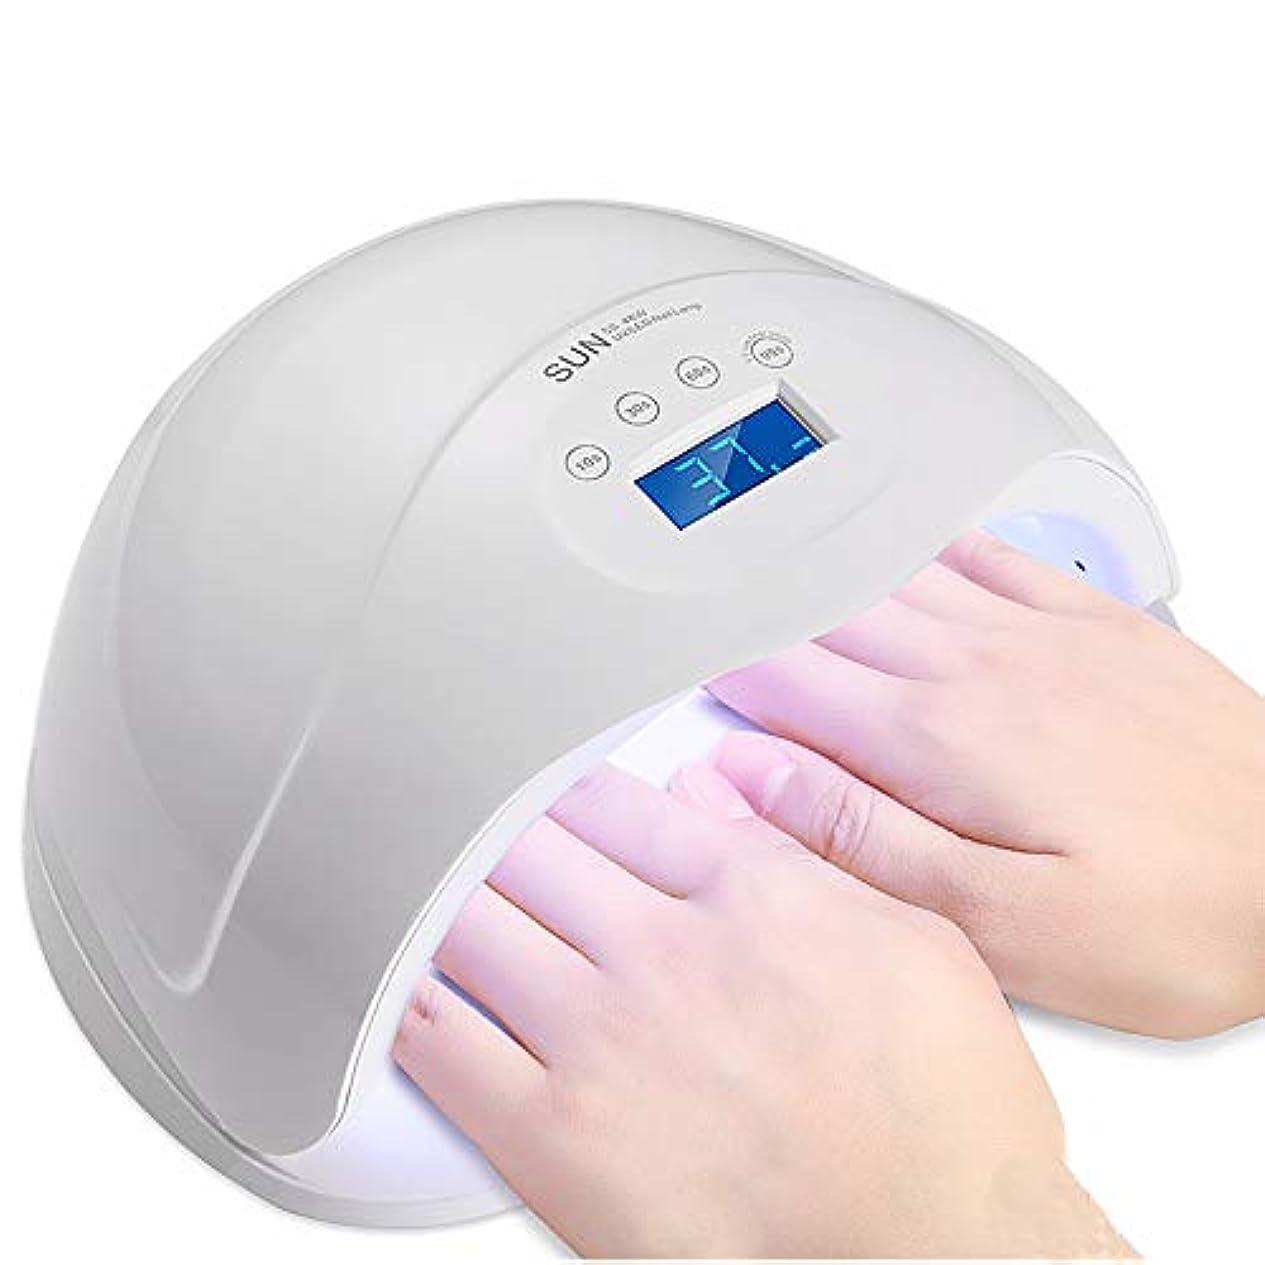 赤字ラダウッズ48W LCDディスプレイ付 LED+UV二重光源 ジェルネイル ネイルドライヤー ハイパワー 高速硬化 低ヒート機能 4段階タイマー (ホワイト)